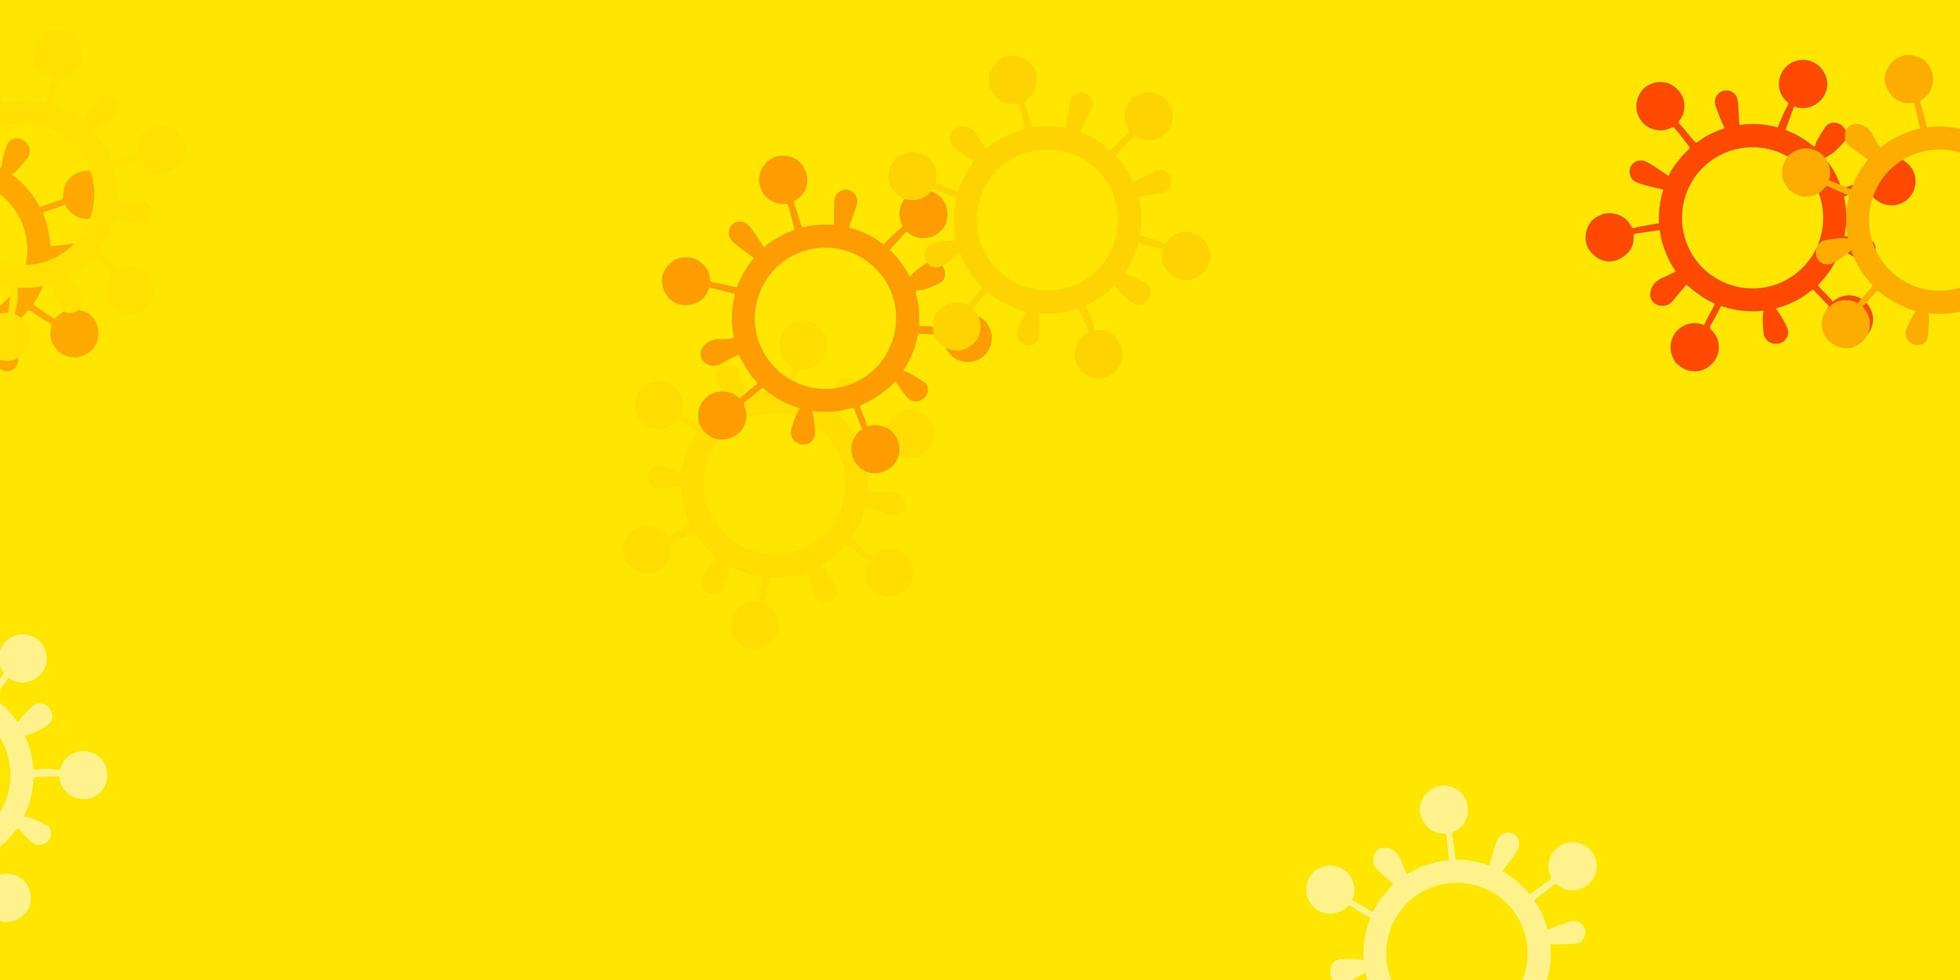 helloranger Vektorhintergrund mit covid-19 Symbolen. vektor